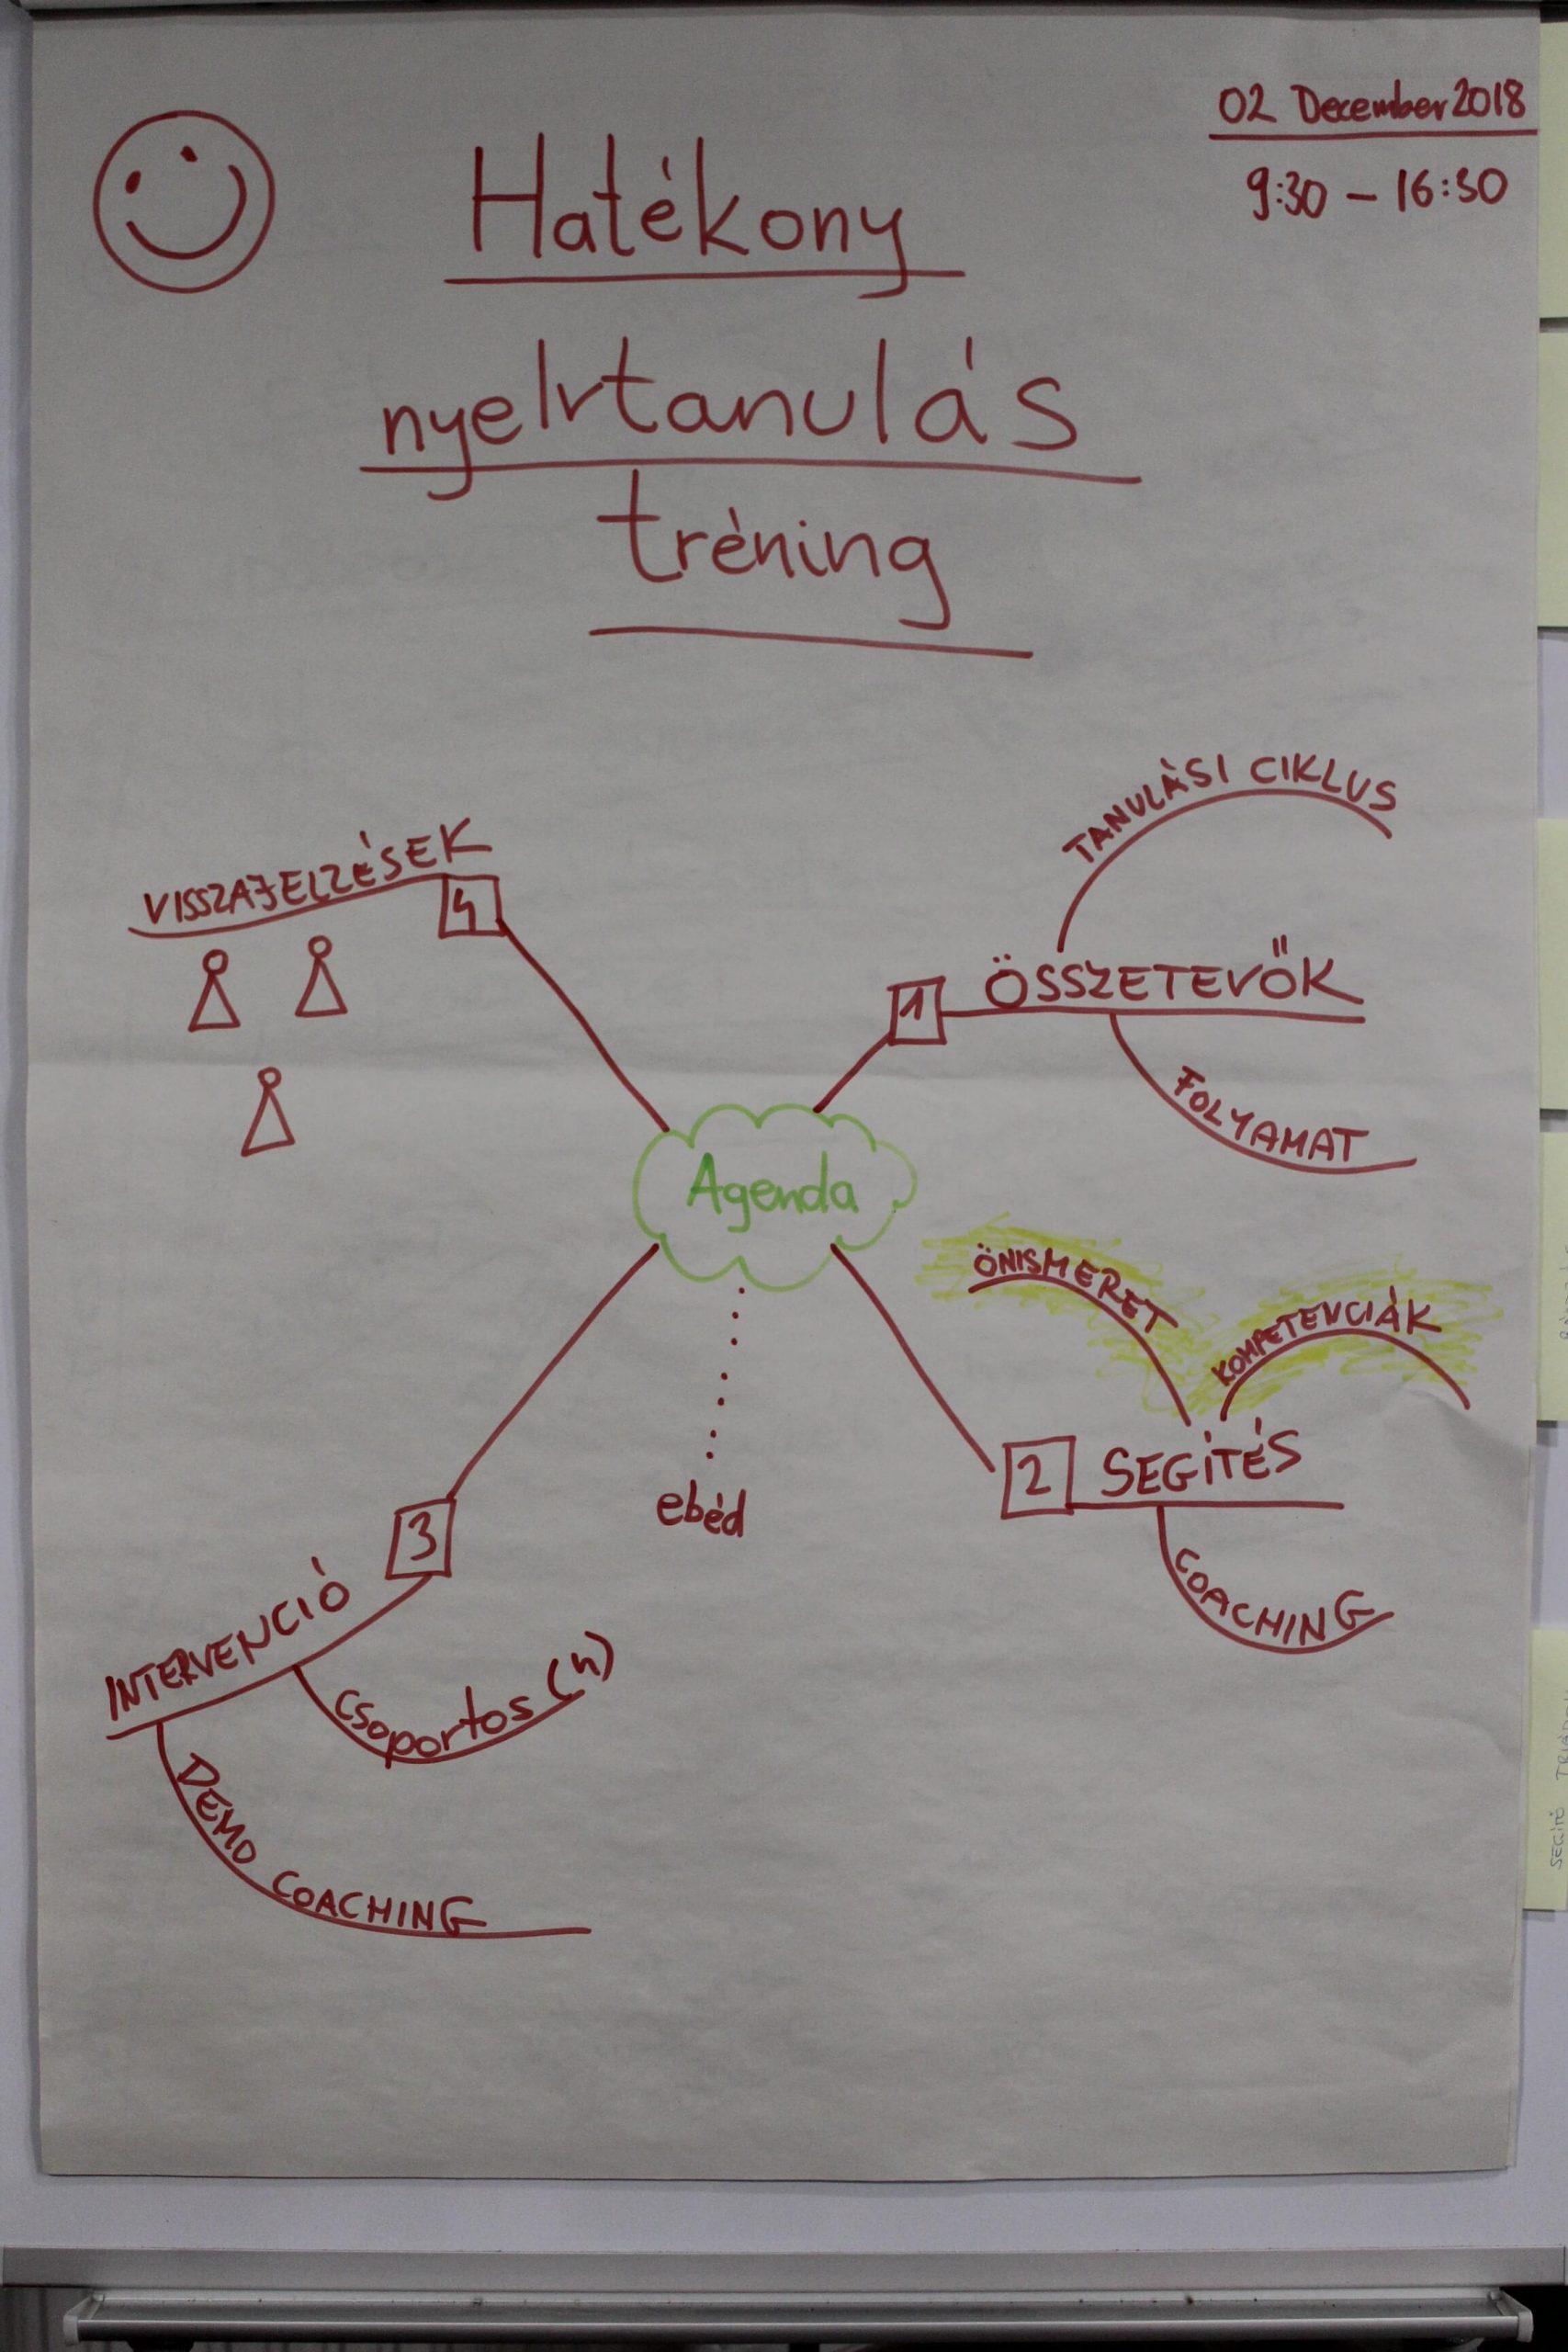 Hatékony nyelvtanulási technikák tréning 1